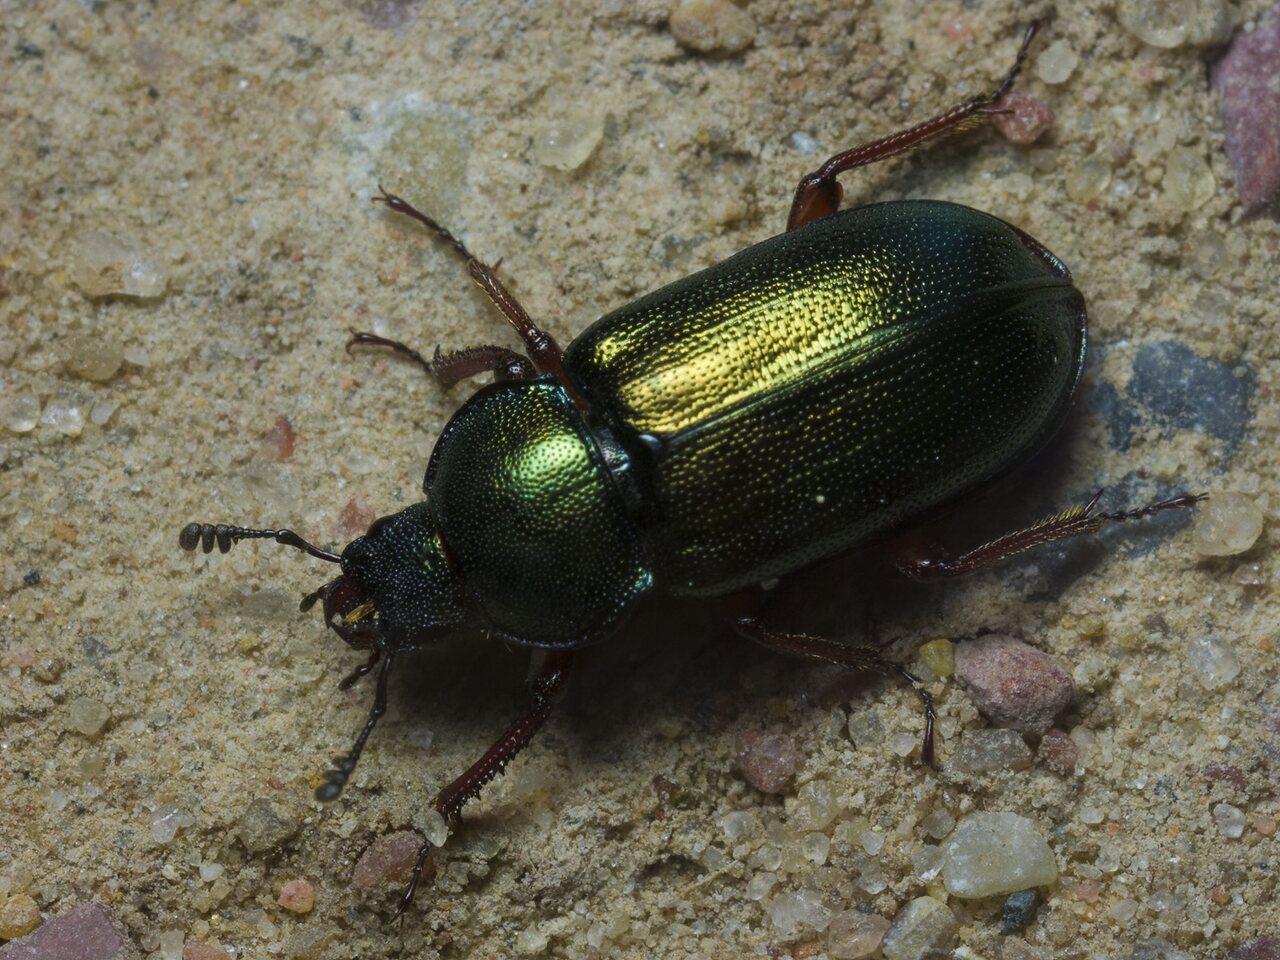 Platycerus-caraboides-1591.jpg